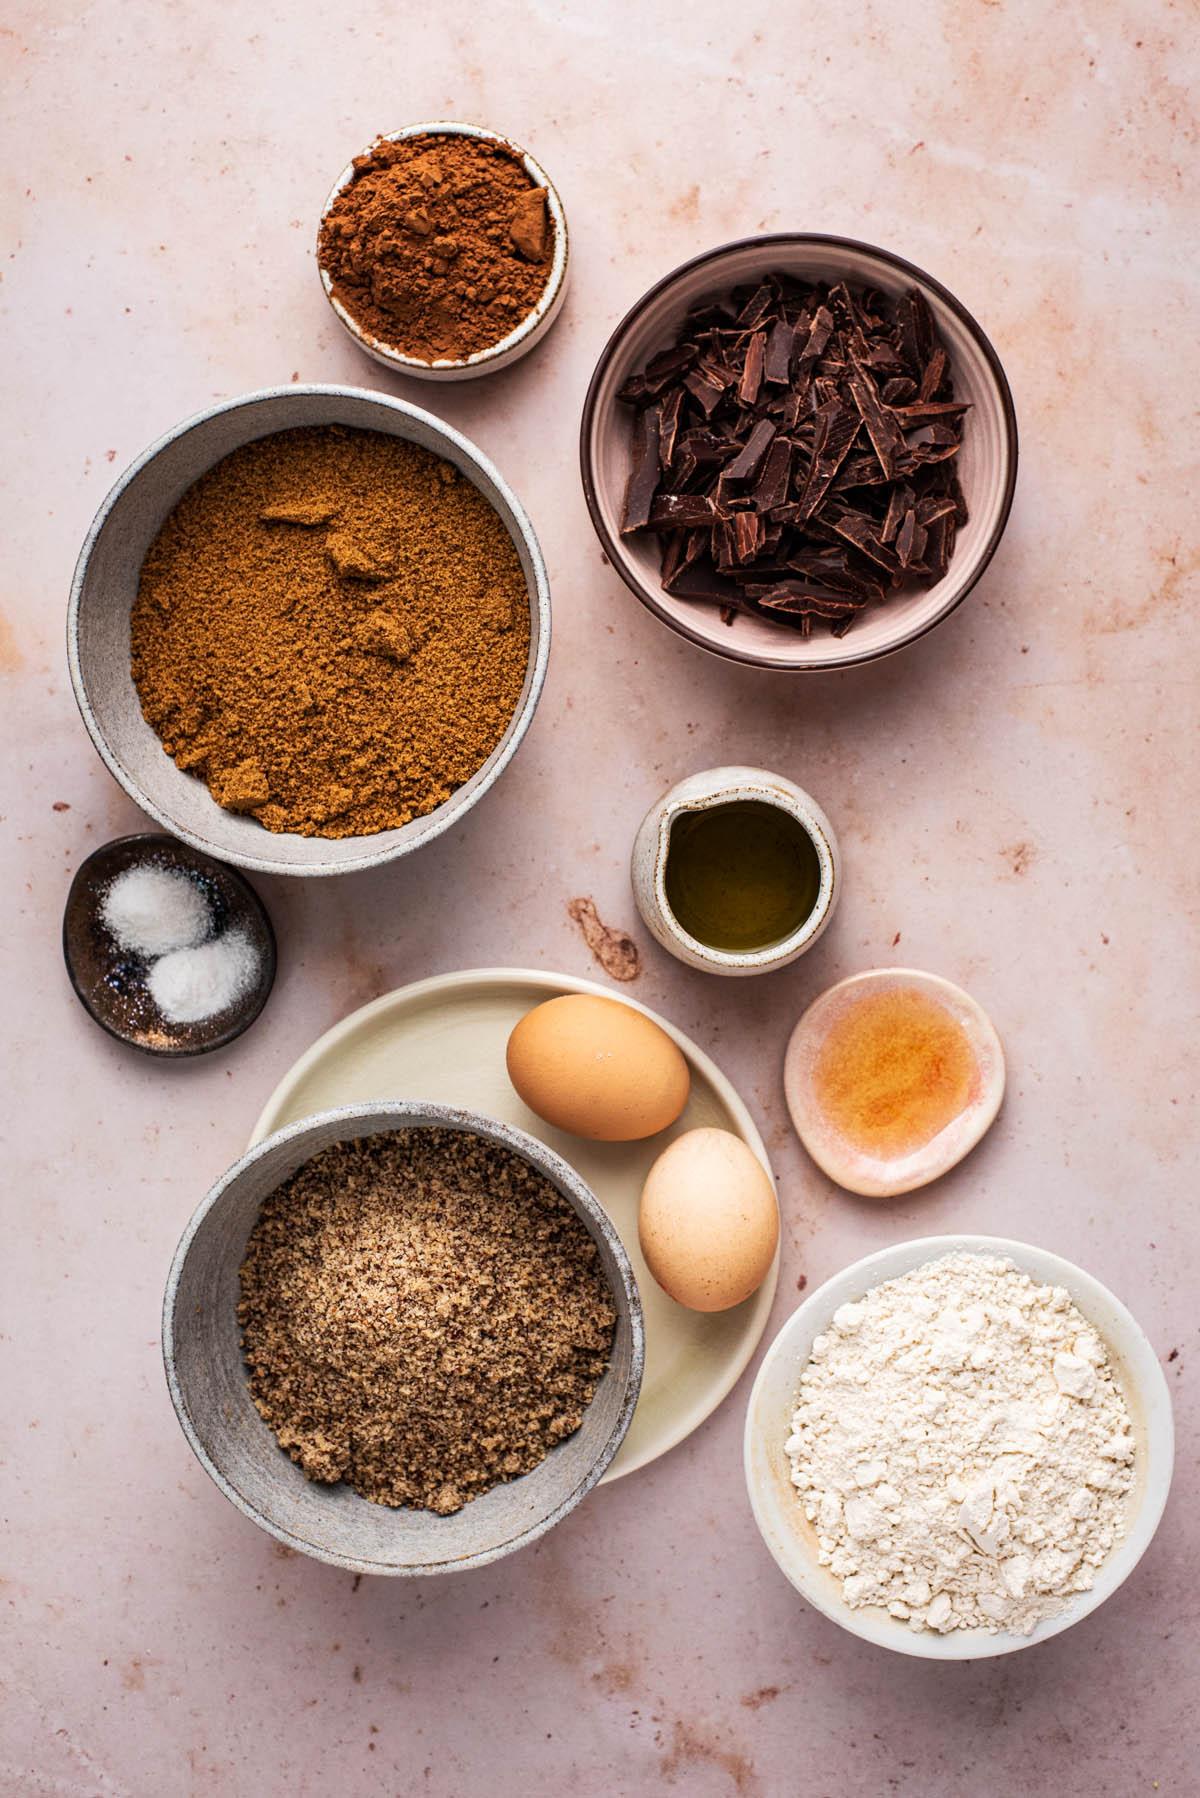 Olive oil brownies ingredients.